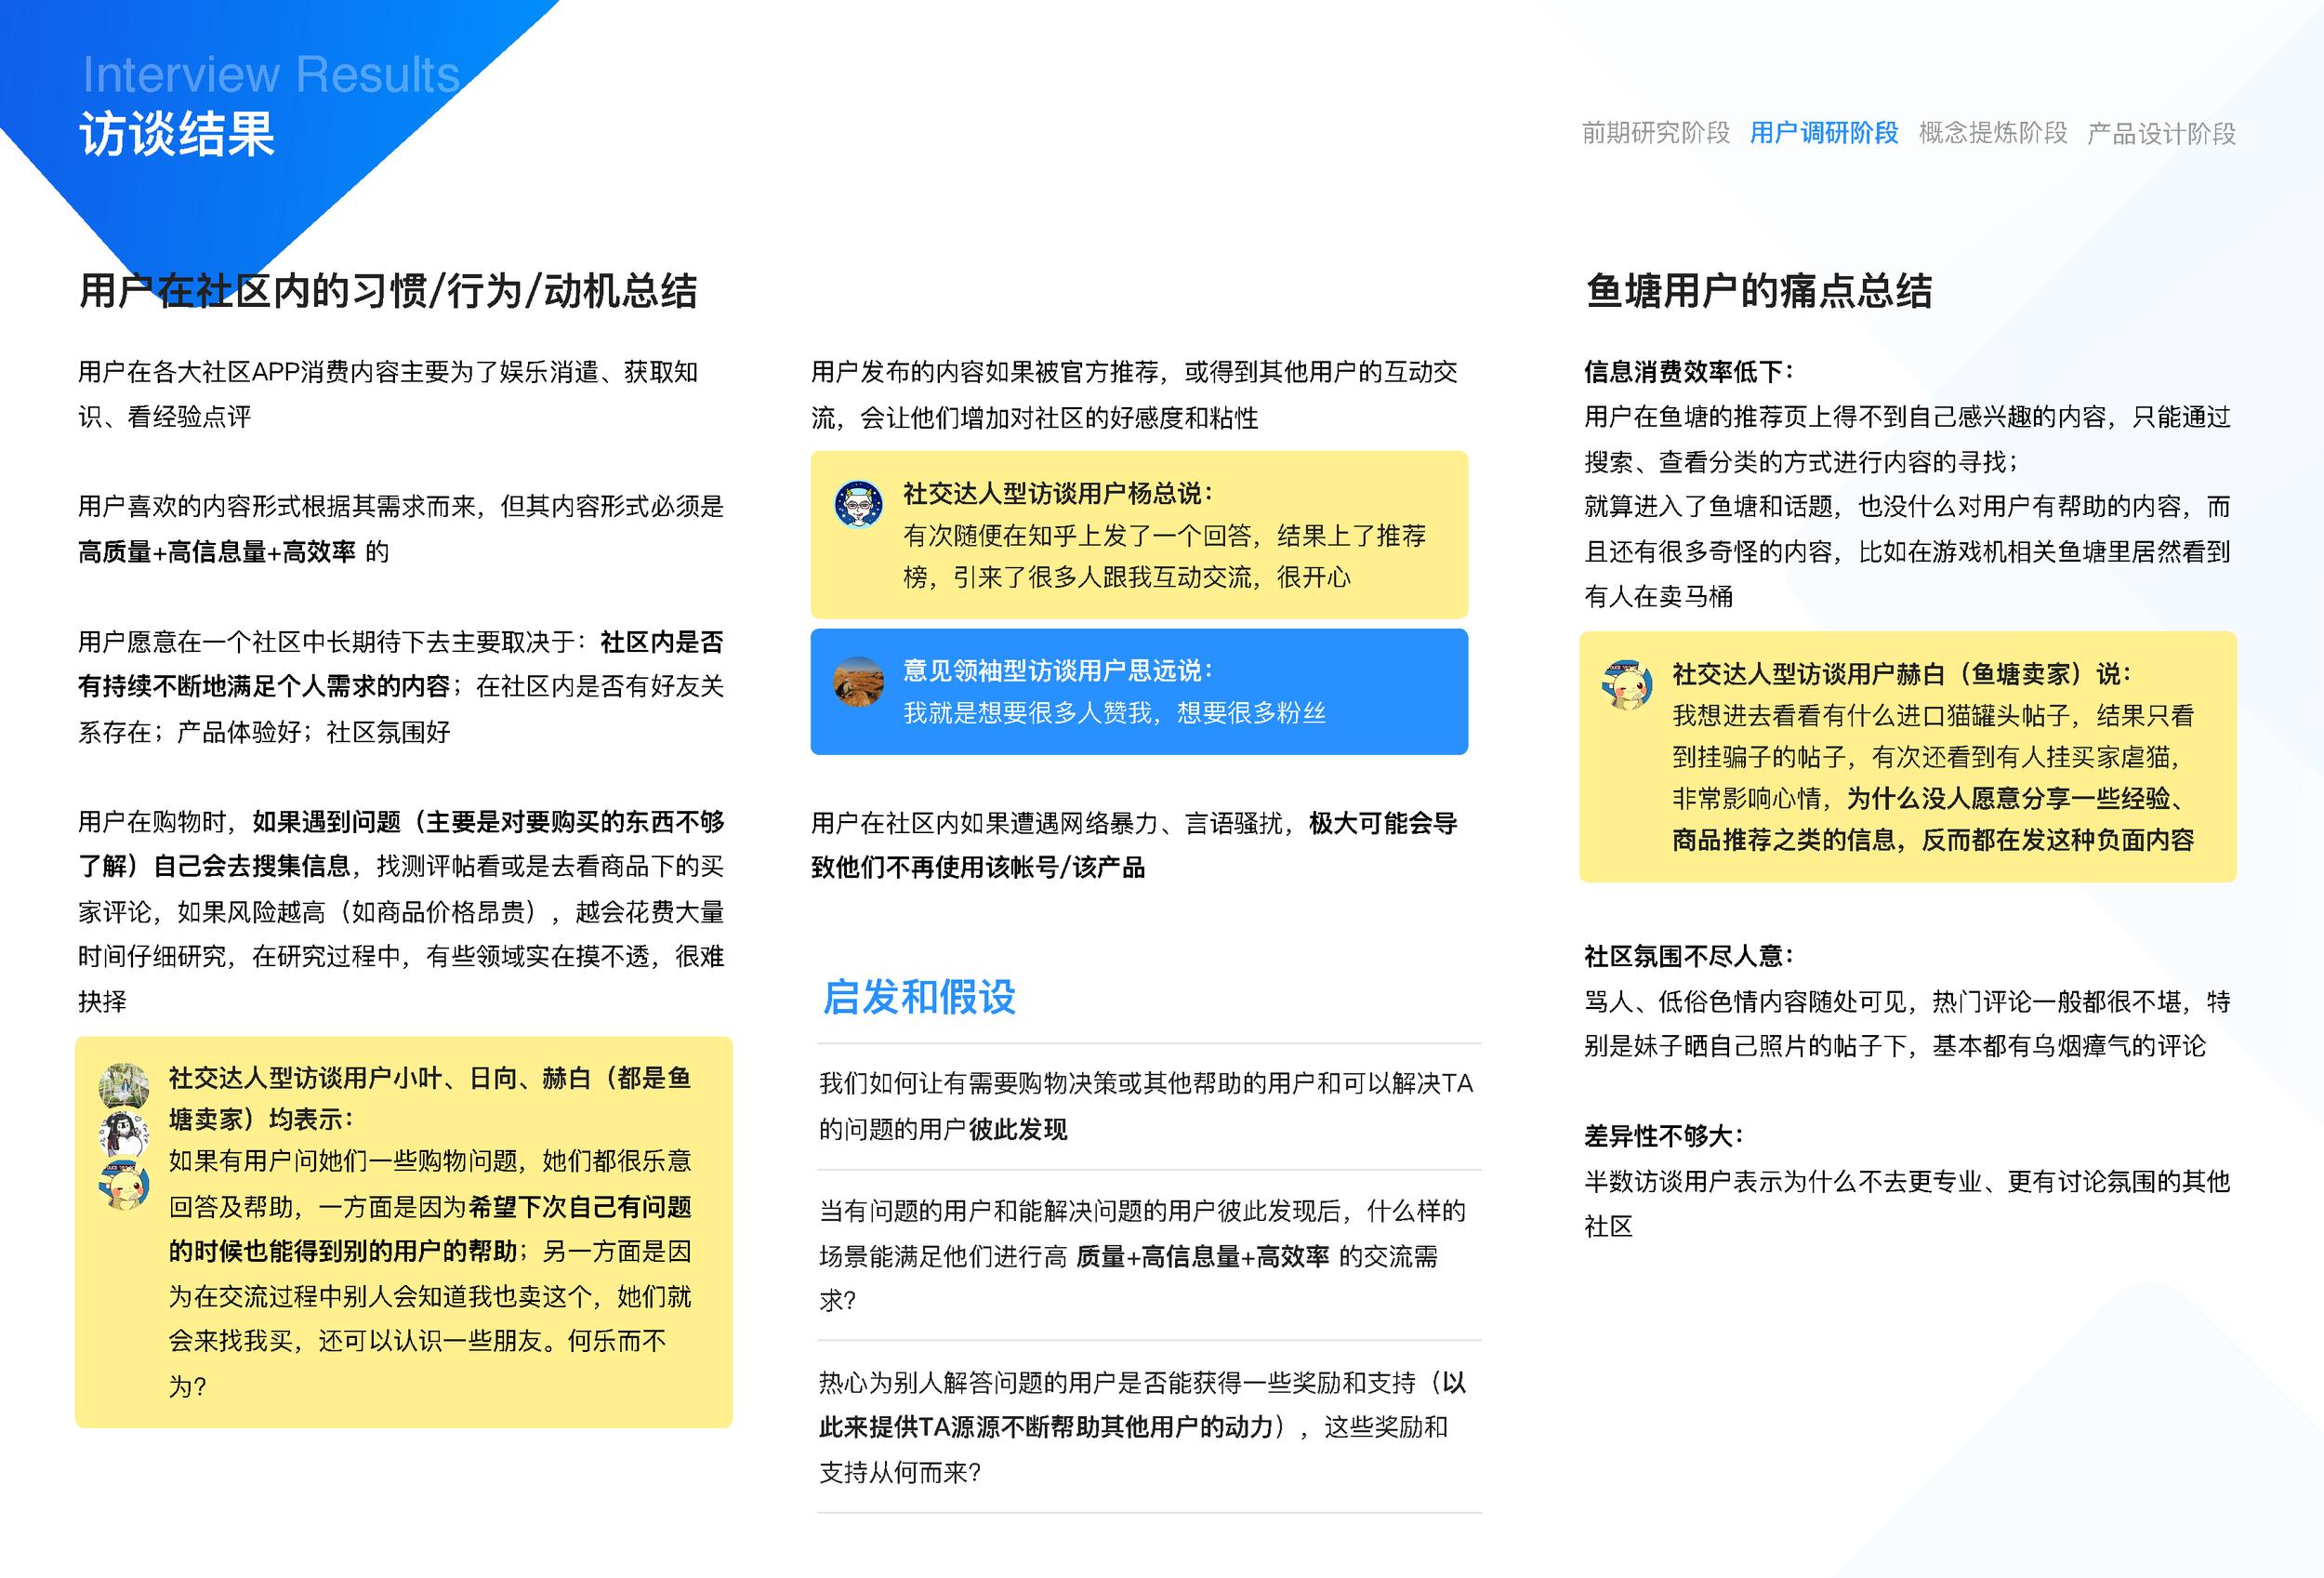 闲鱼社区互动设计(17小组油猫饼)_页面_09.png